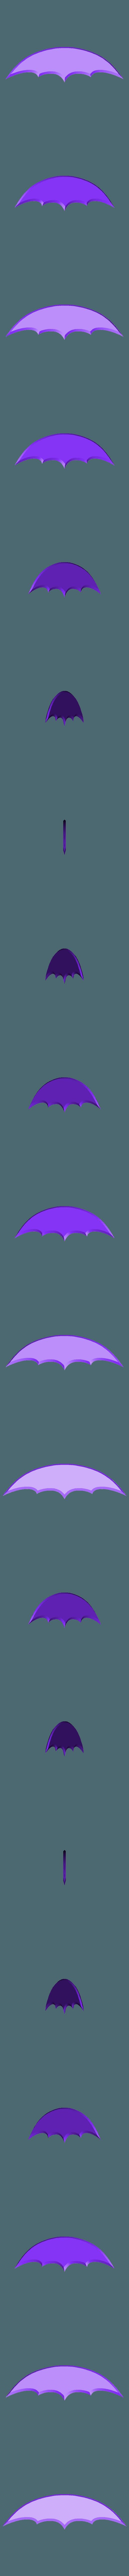 BTAS_BATARANG_FULL.stl Télécharger fichier STL gratuit BATARANG BTAS (ANIMÉ) • Objet pour impression 3D, jediSam